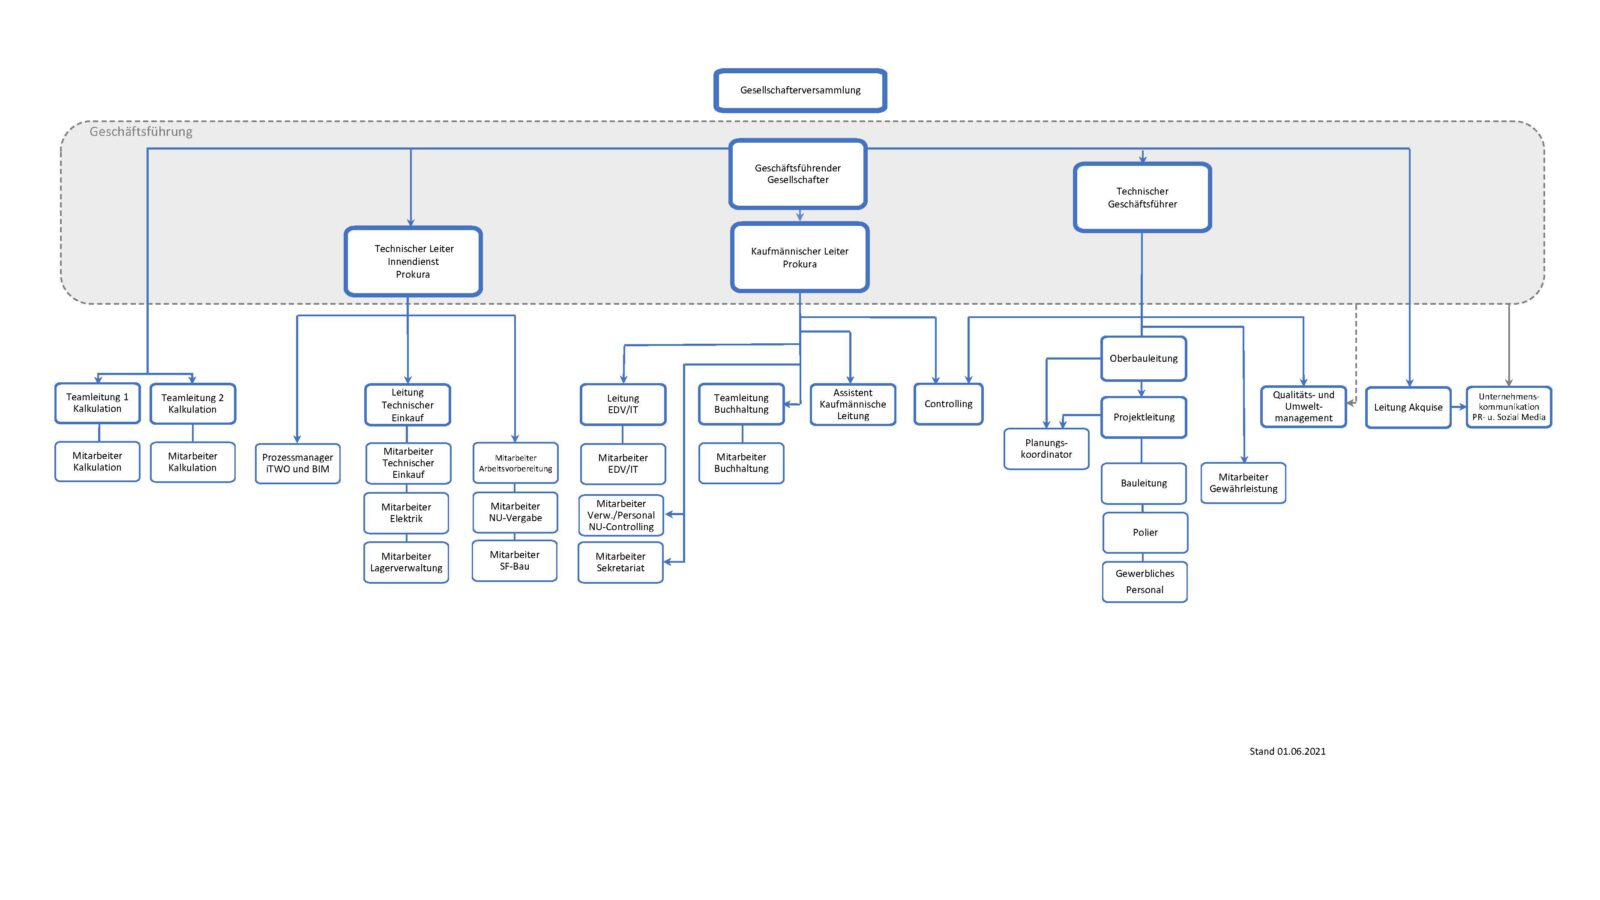 Organigramm der BATEG GmbH